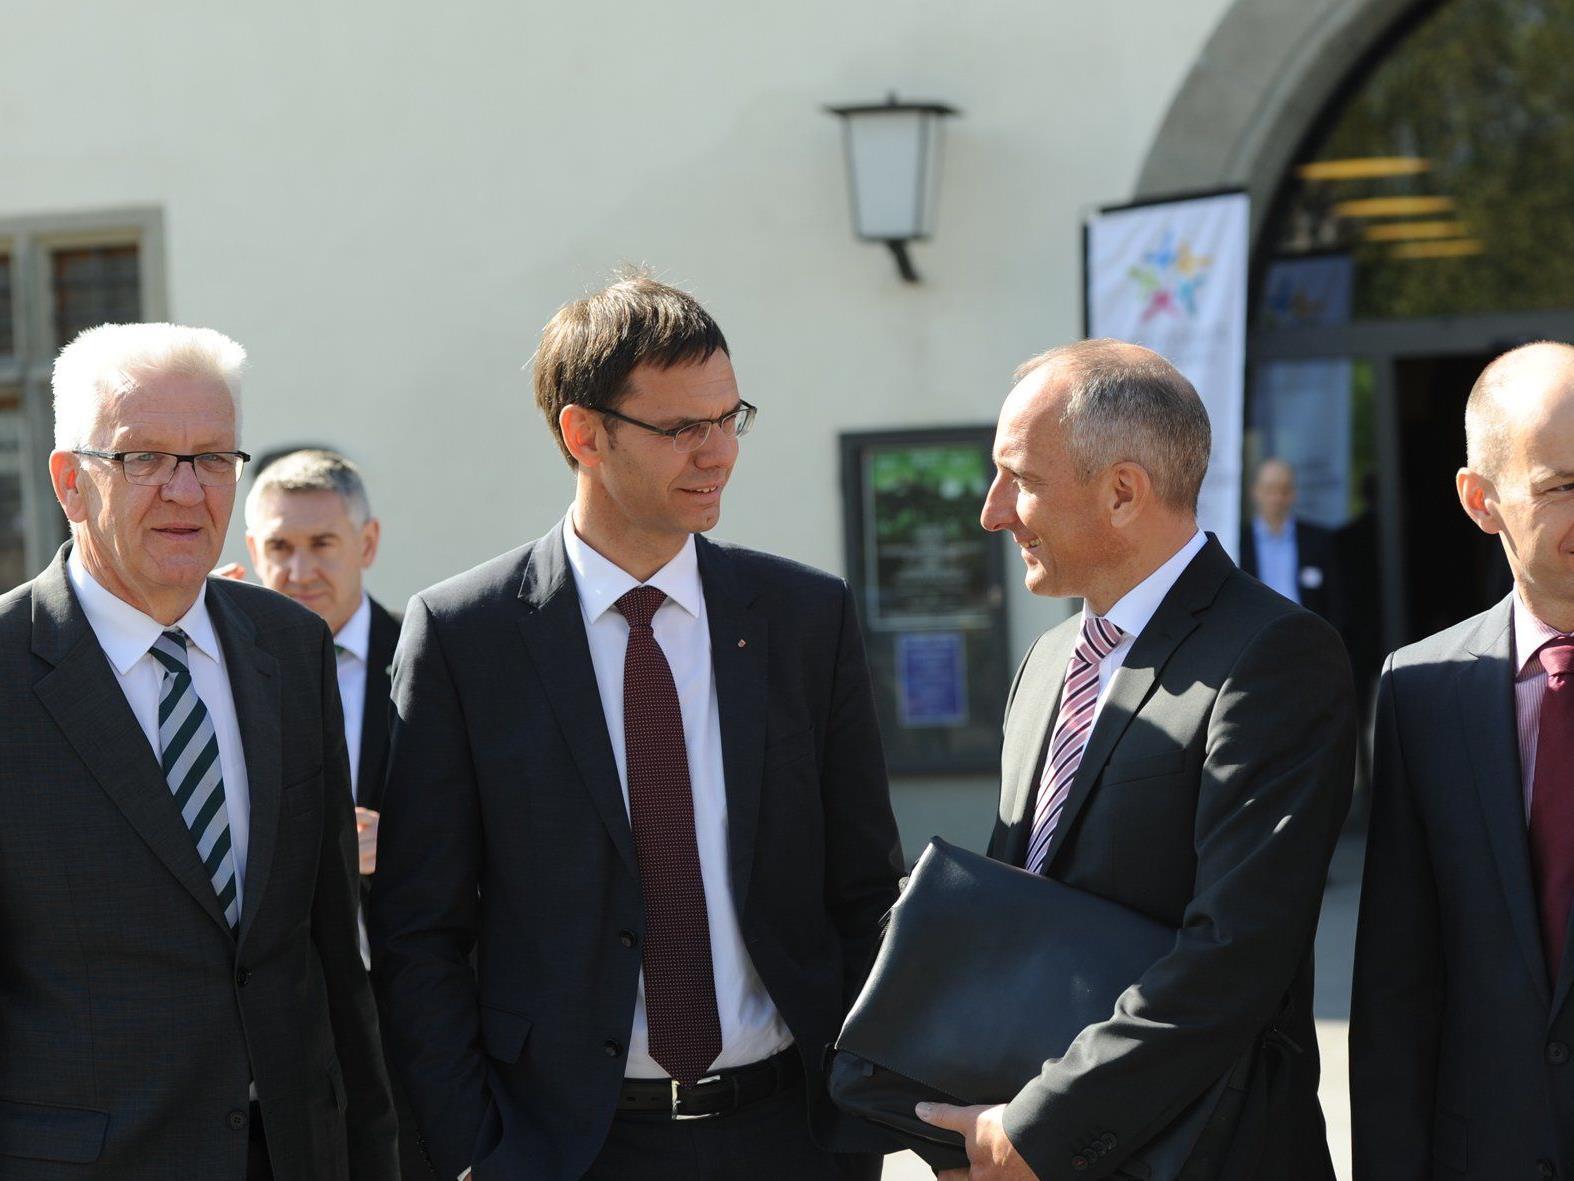 Erstes internationales Wirtschaftskonzil in Konstanz mit IBK-Regierungstreffen